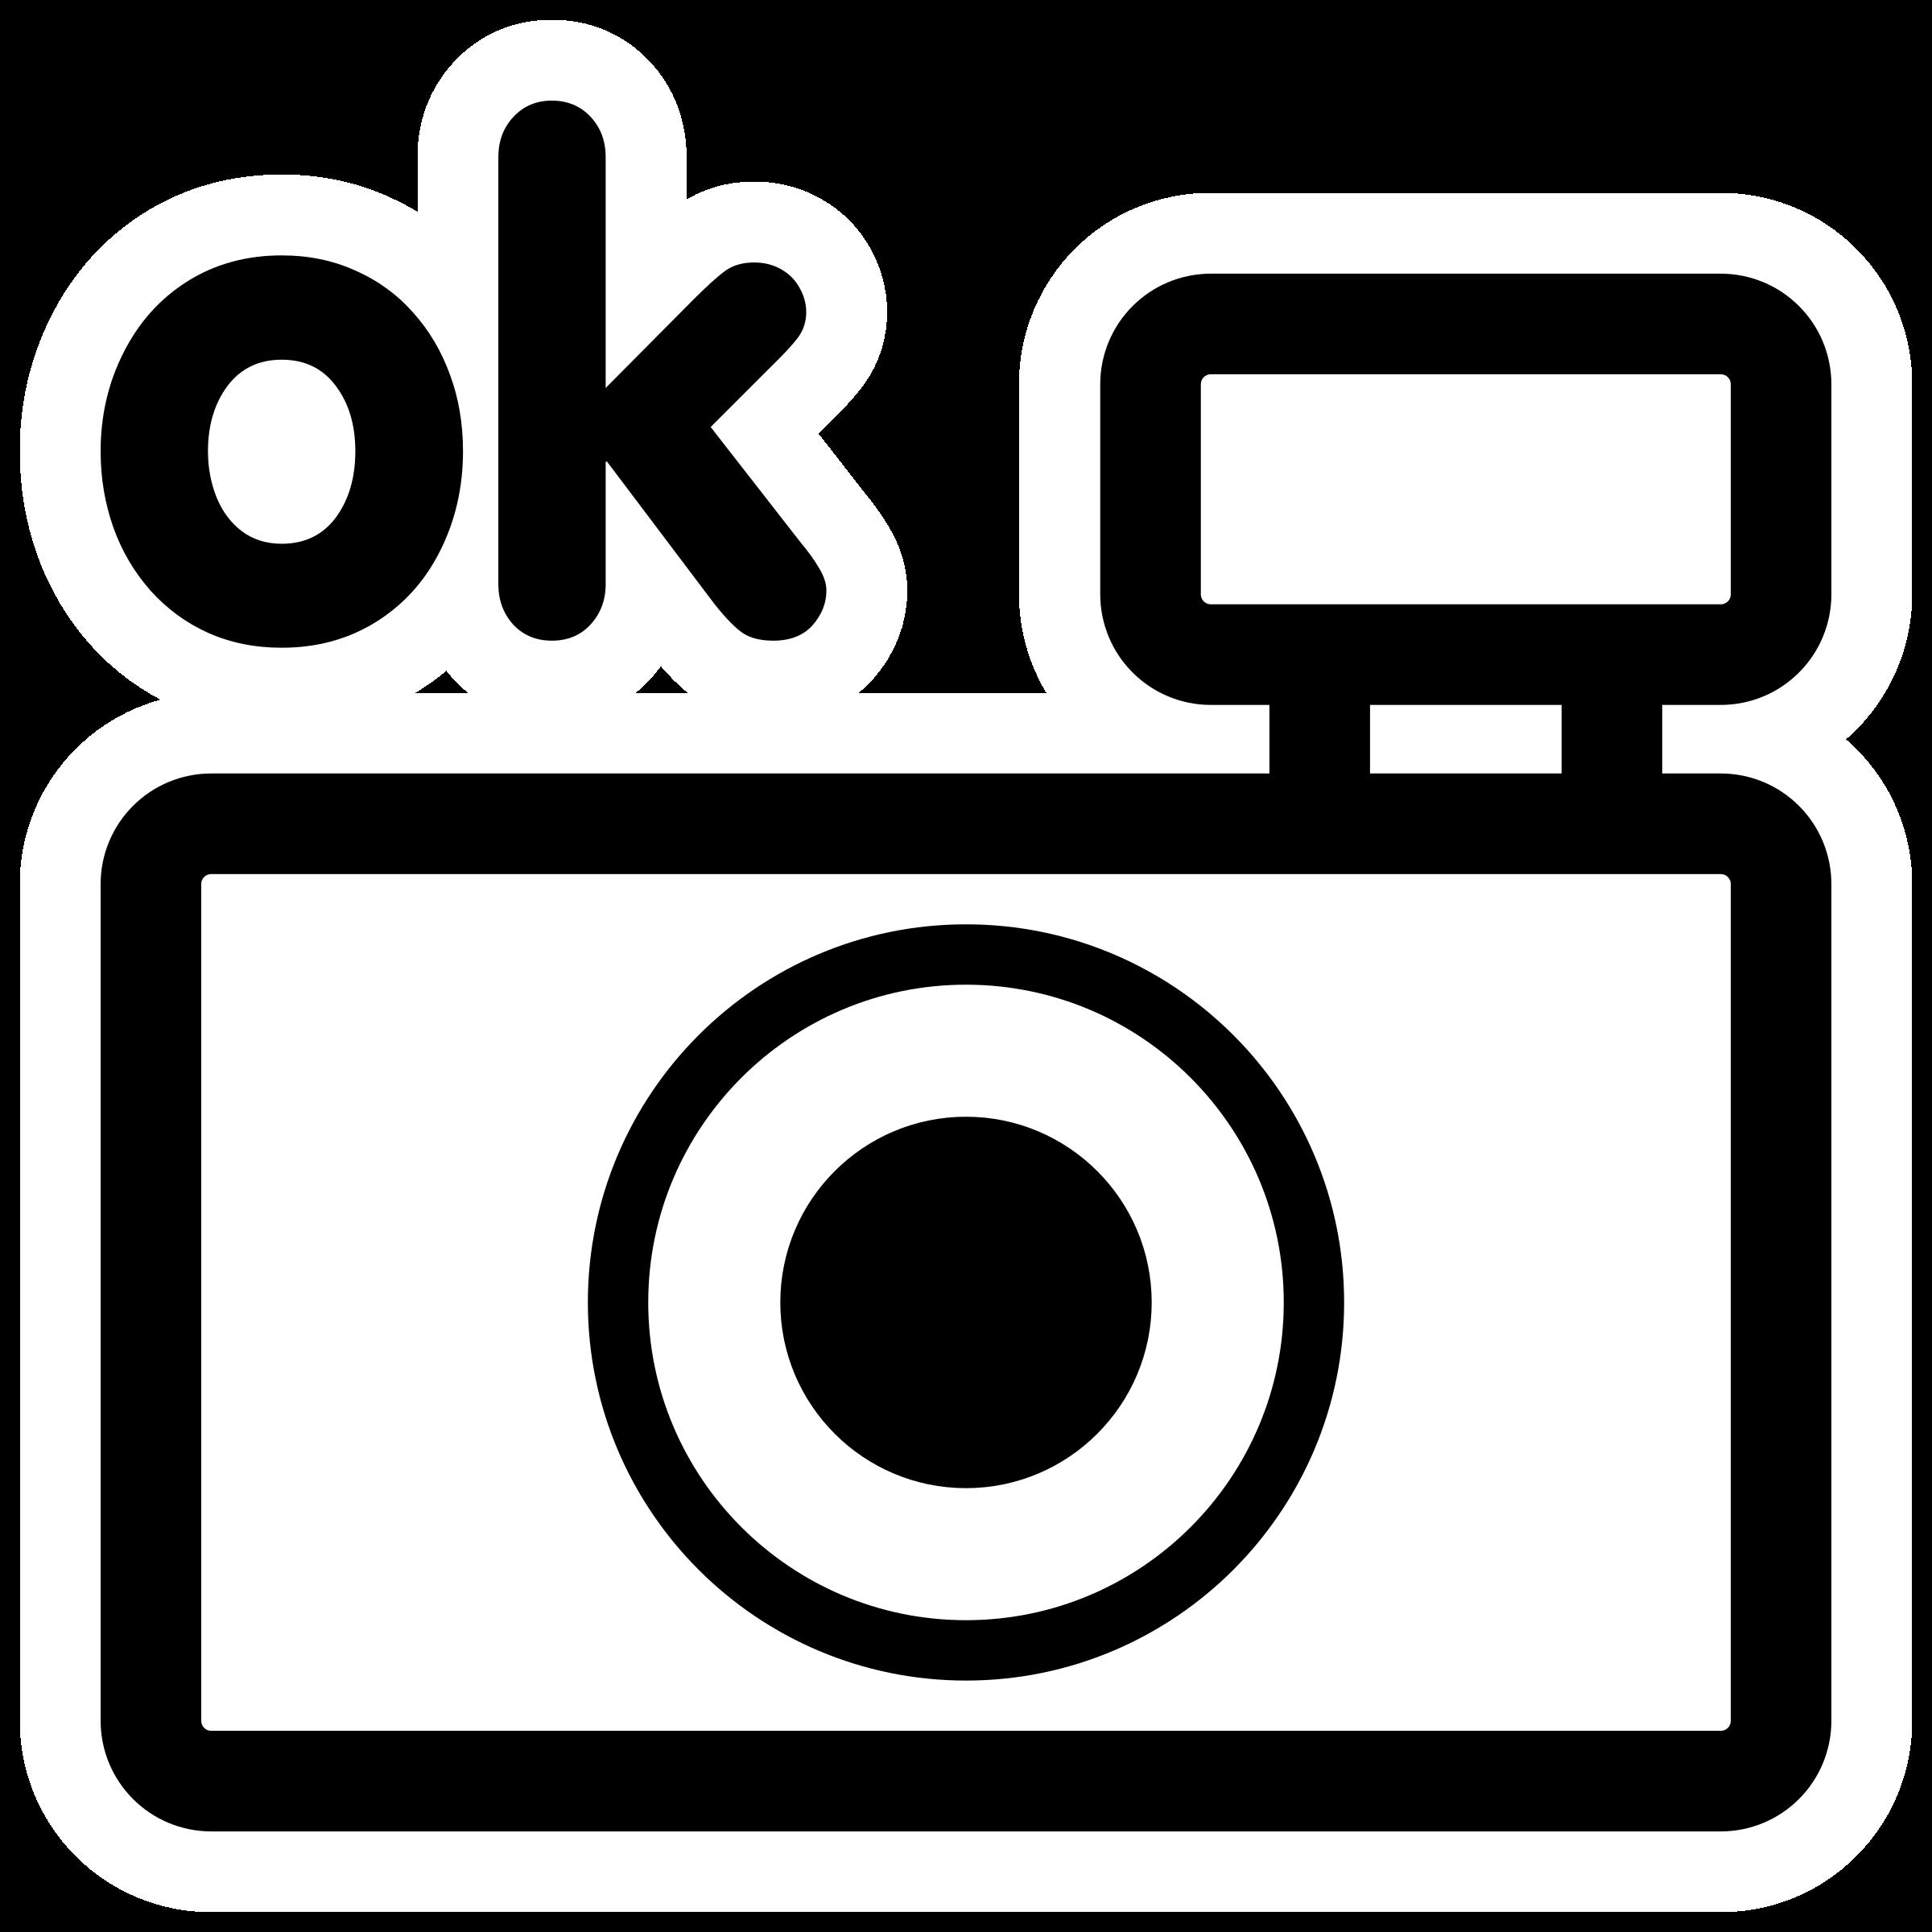 Square clipart camera. Mono test big image